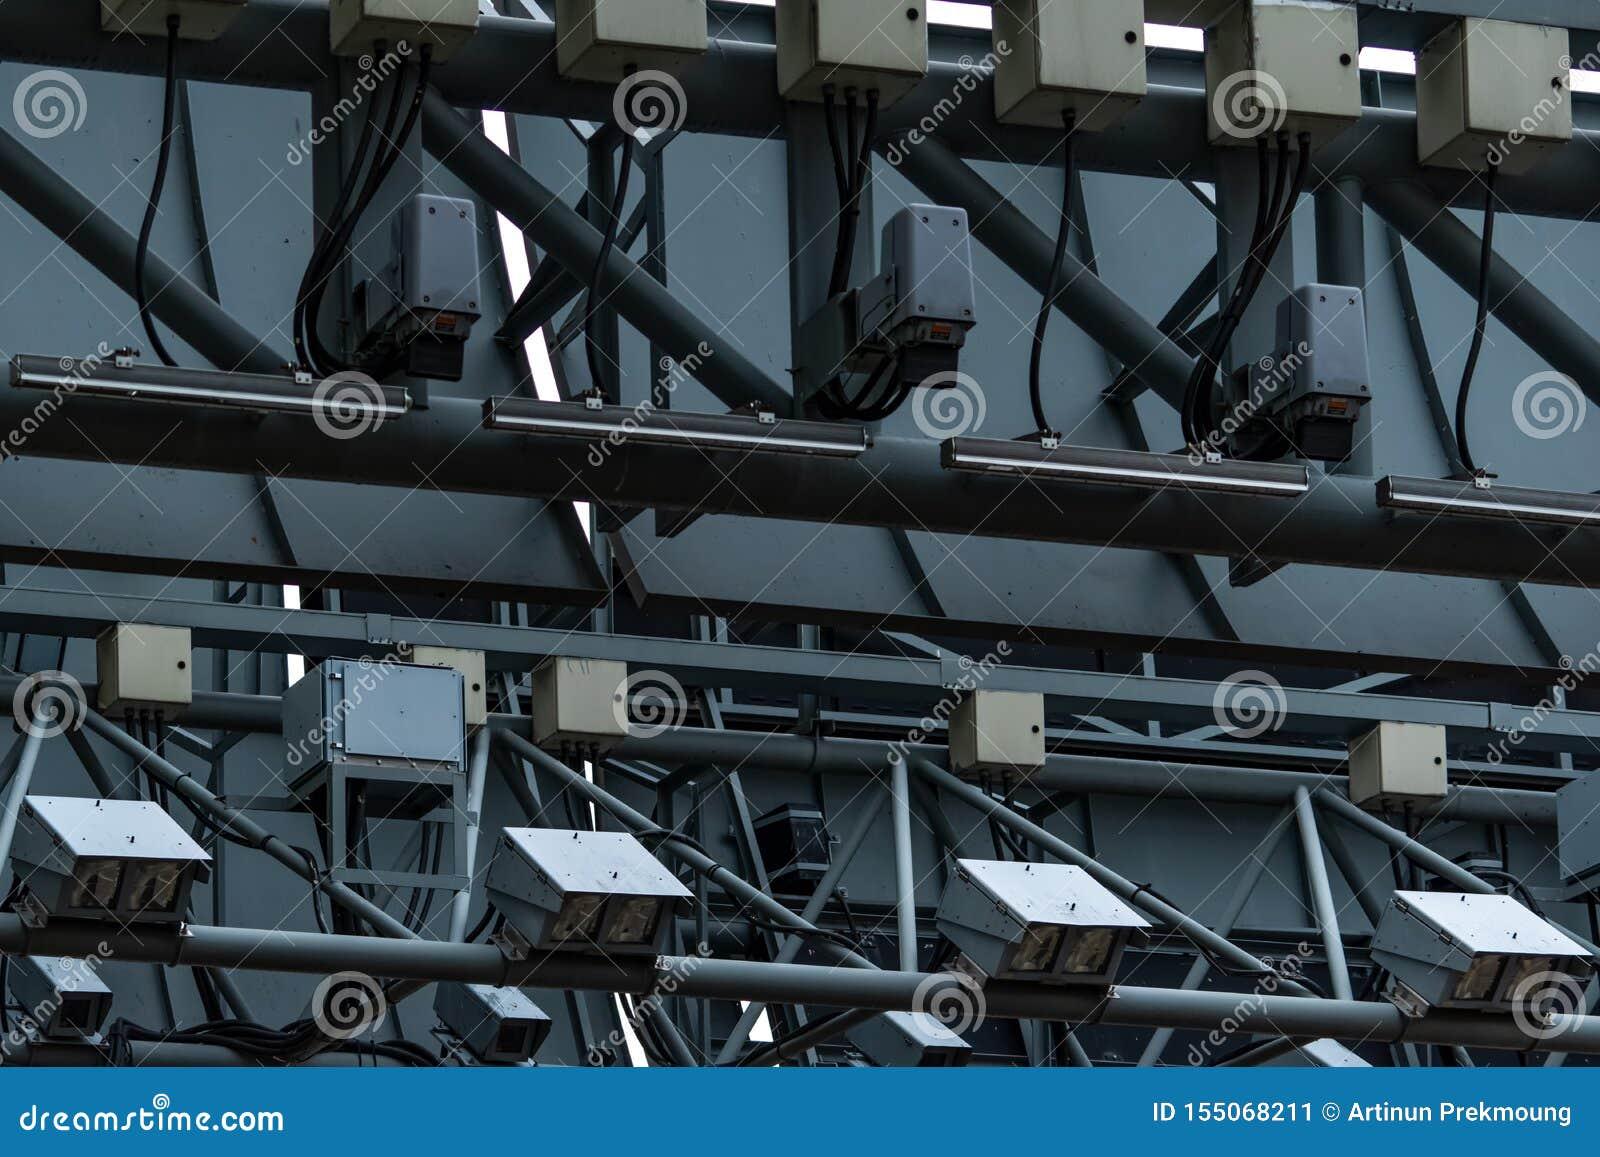 Ηλεκτρονικός δρόμος που διατιμά το cErp ή την ηλεκτρονική συλλογή φόρου στη Σιγκαπούρη για να διαχειριστεί την κυκλοφορία μέσω τη